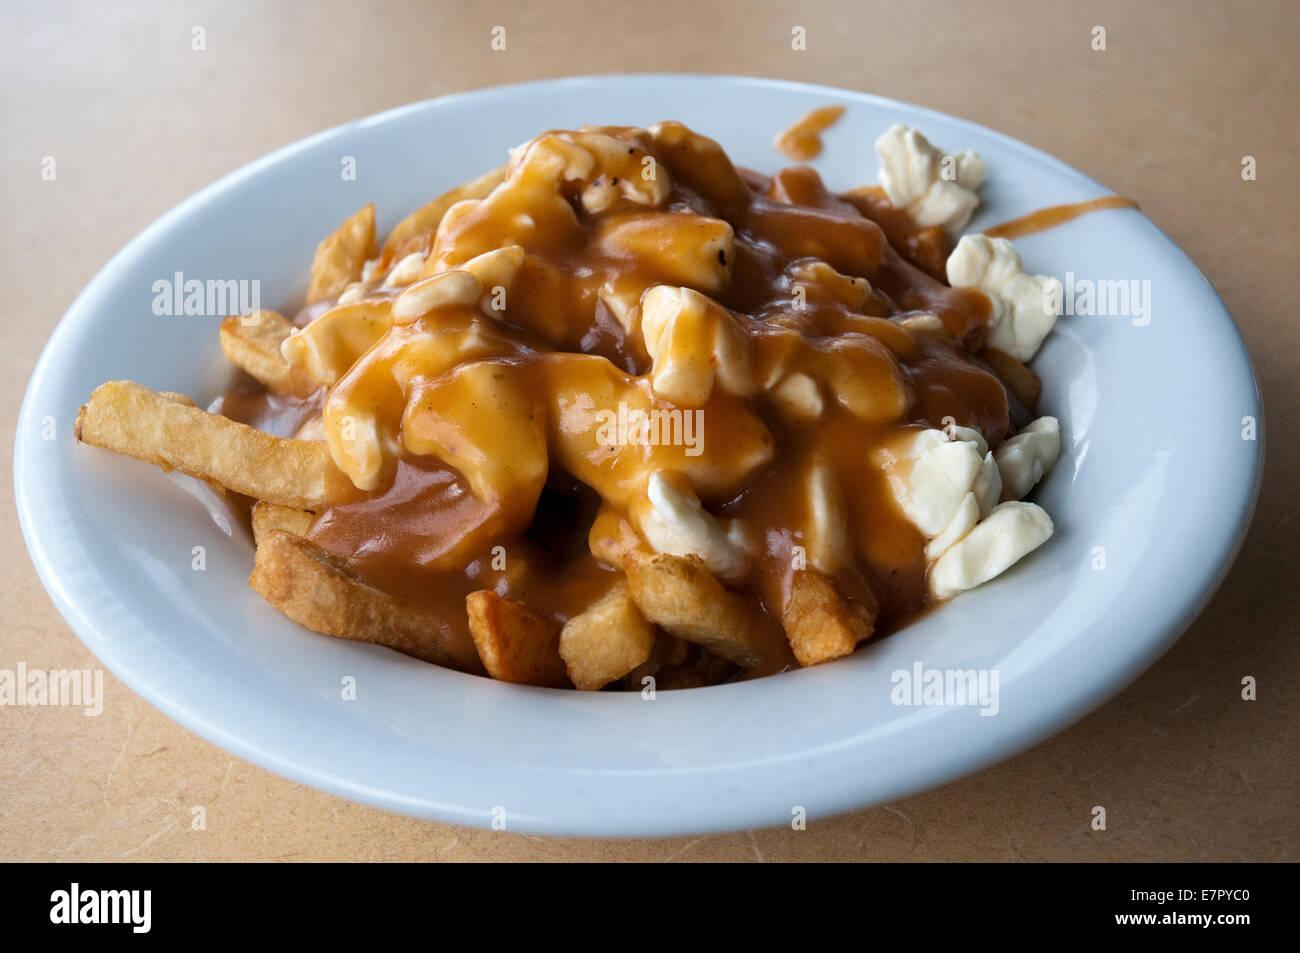 Il famoso 'tradizionali' poutine a Le Roy Jucep ristorante a Drummondville, Quebec, Canada. Immagini Stock